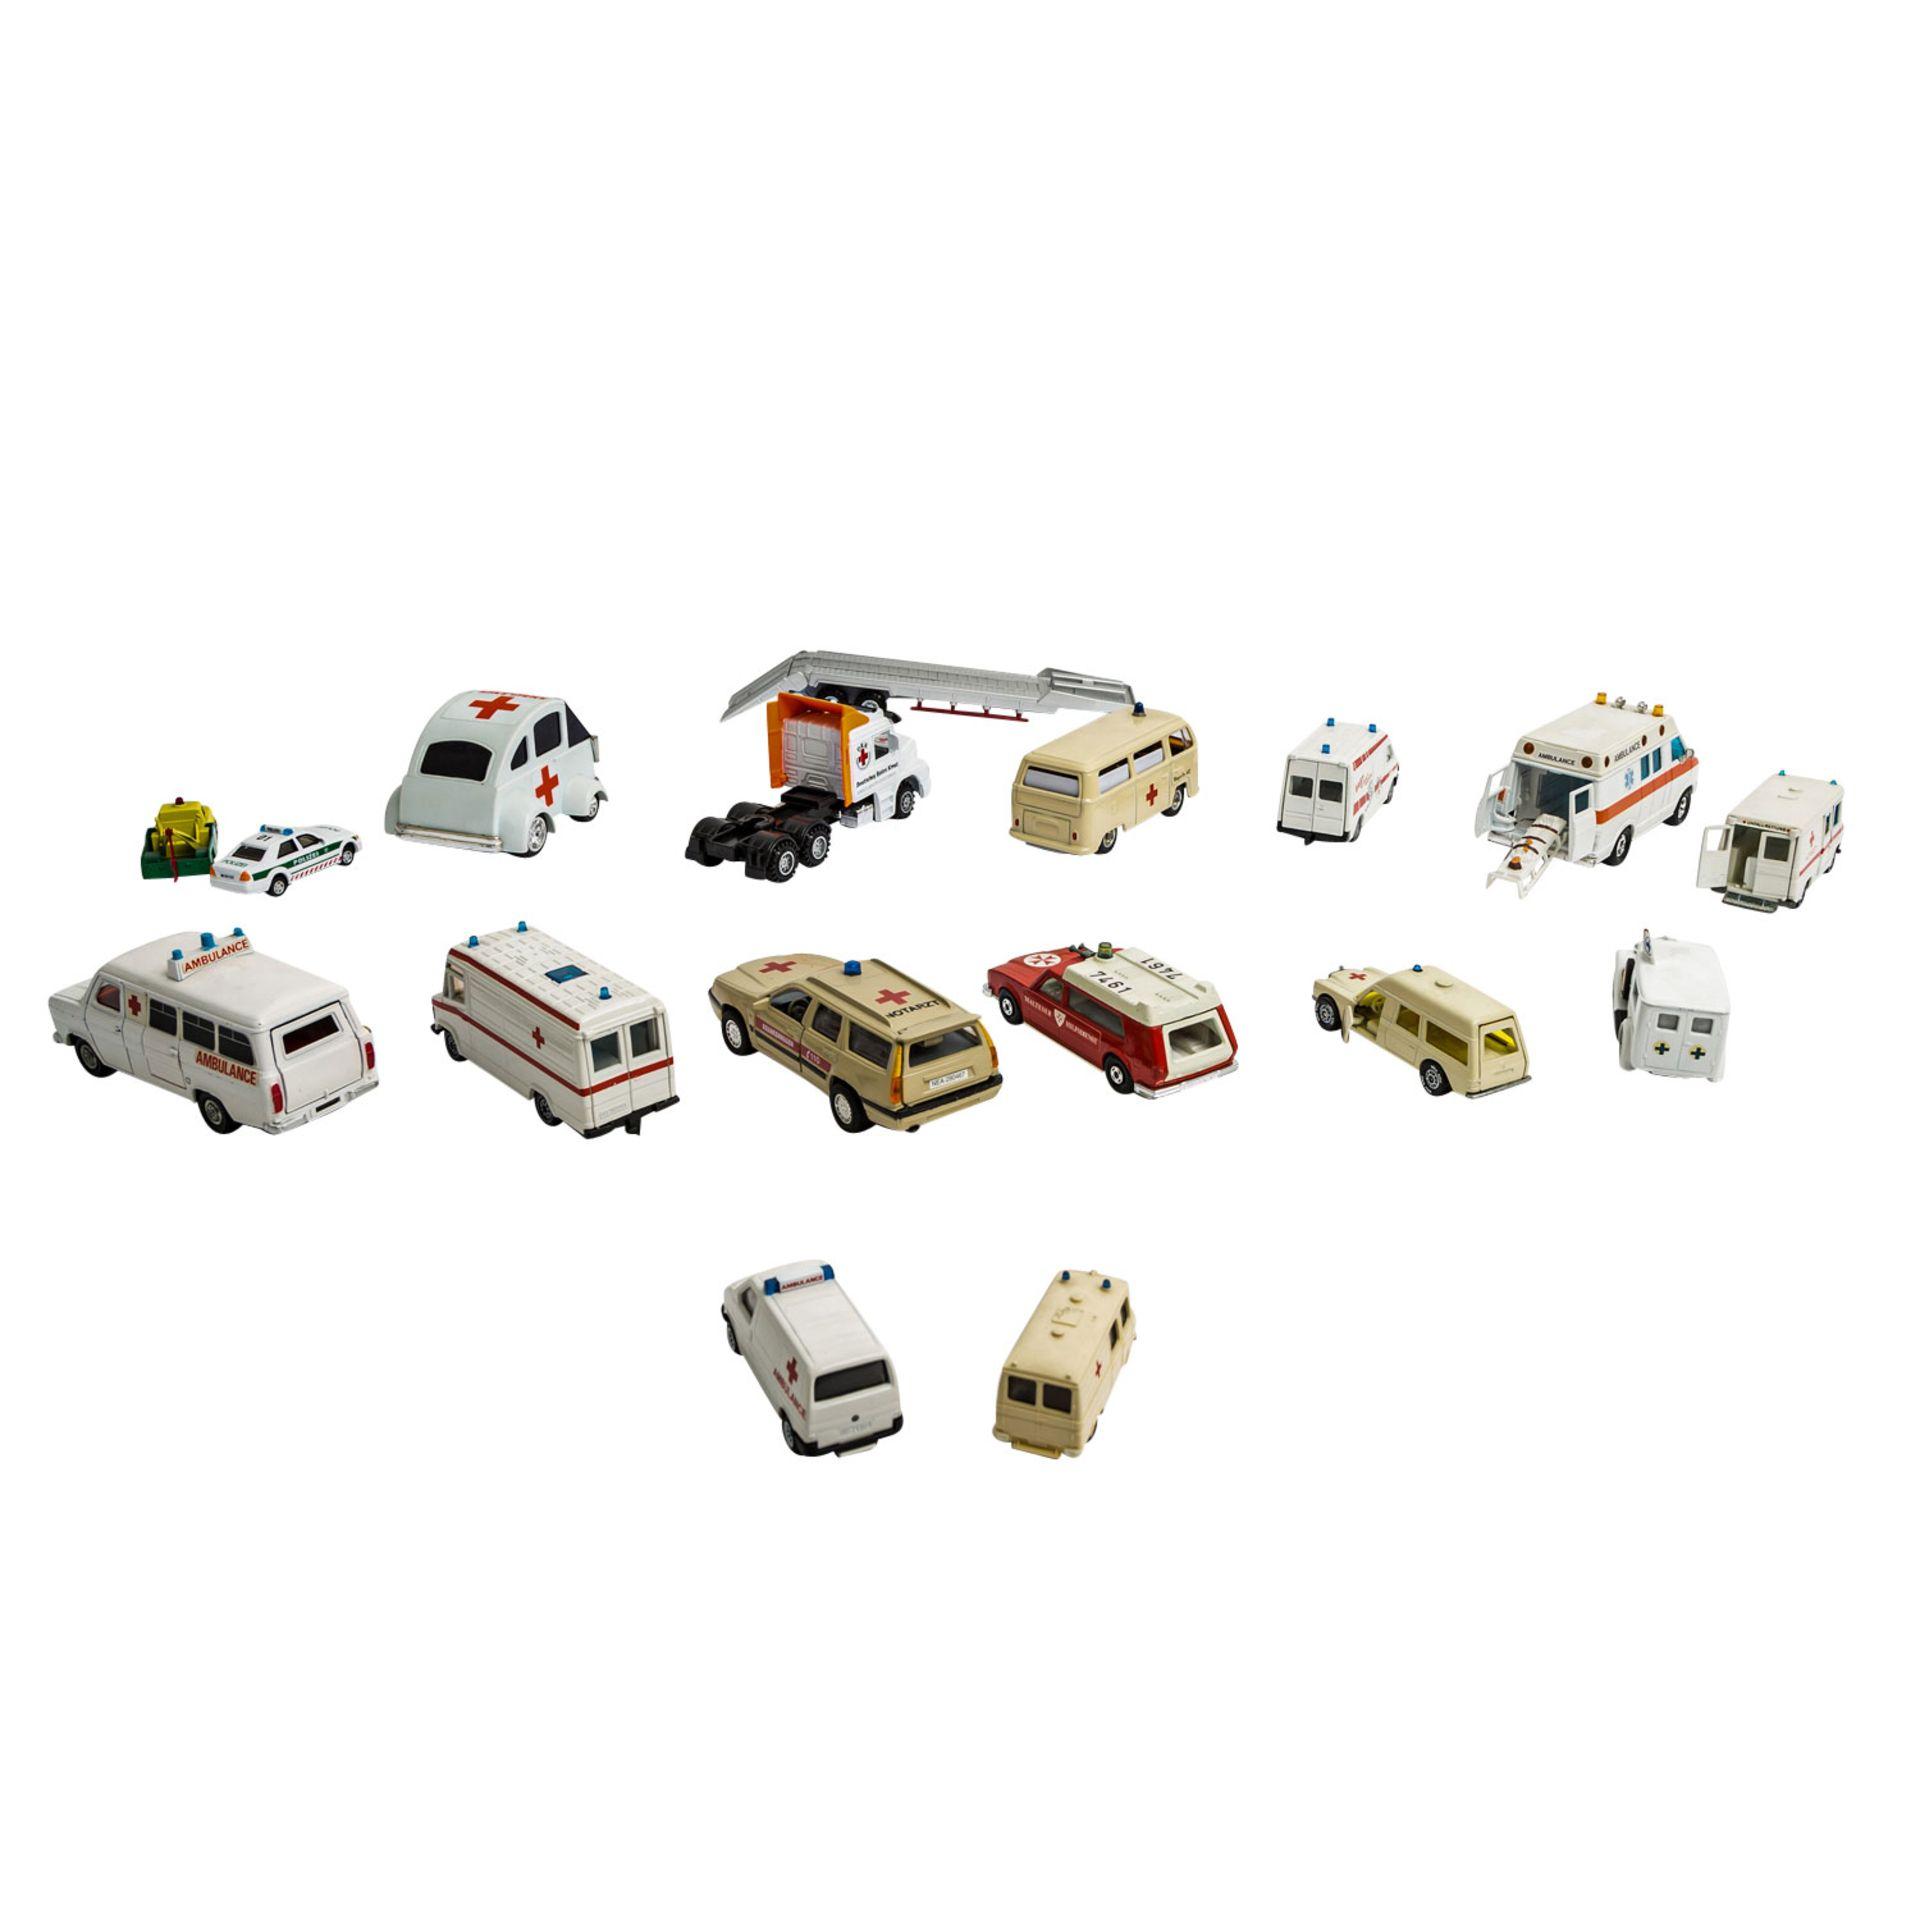 MATCHBOX/WIKING/HERPA u.v.a. Konvolut von ca. 100 Rettungsdienst-Modellfahrzeugen im Maßstab 1:87 bi - Image 3 of 7